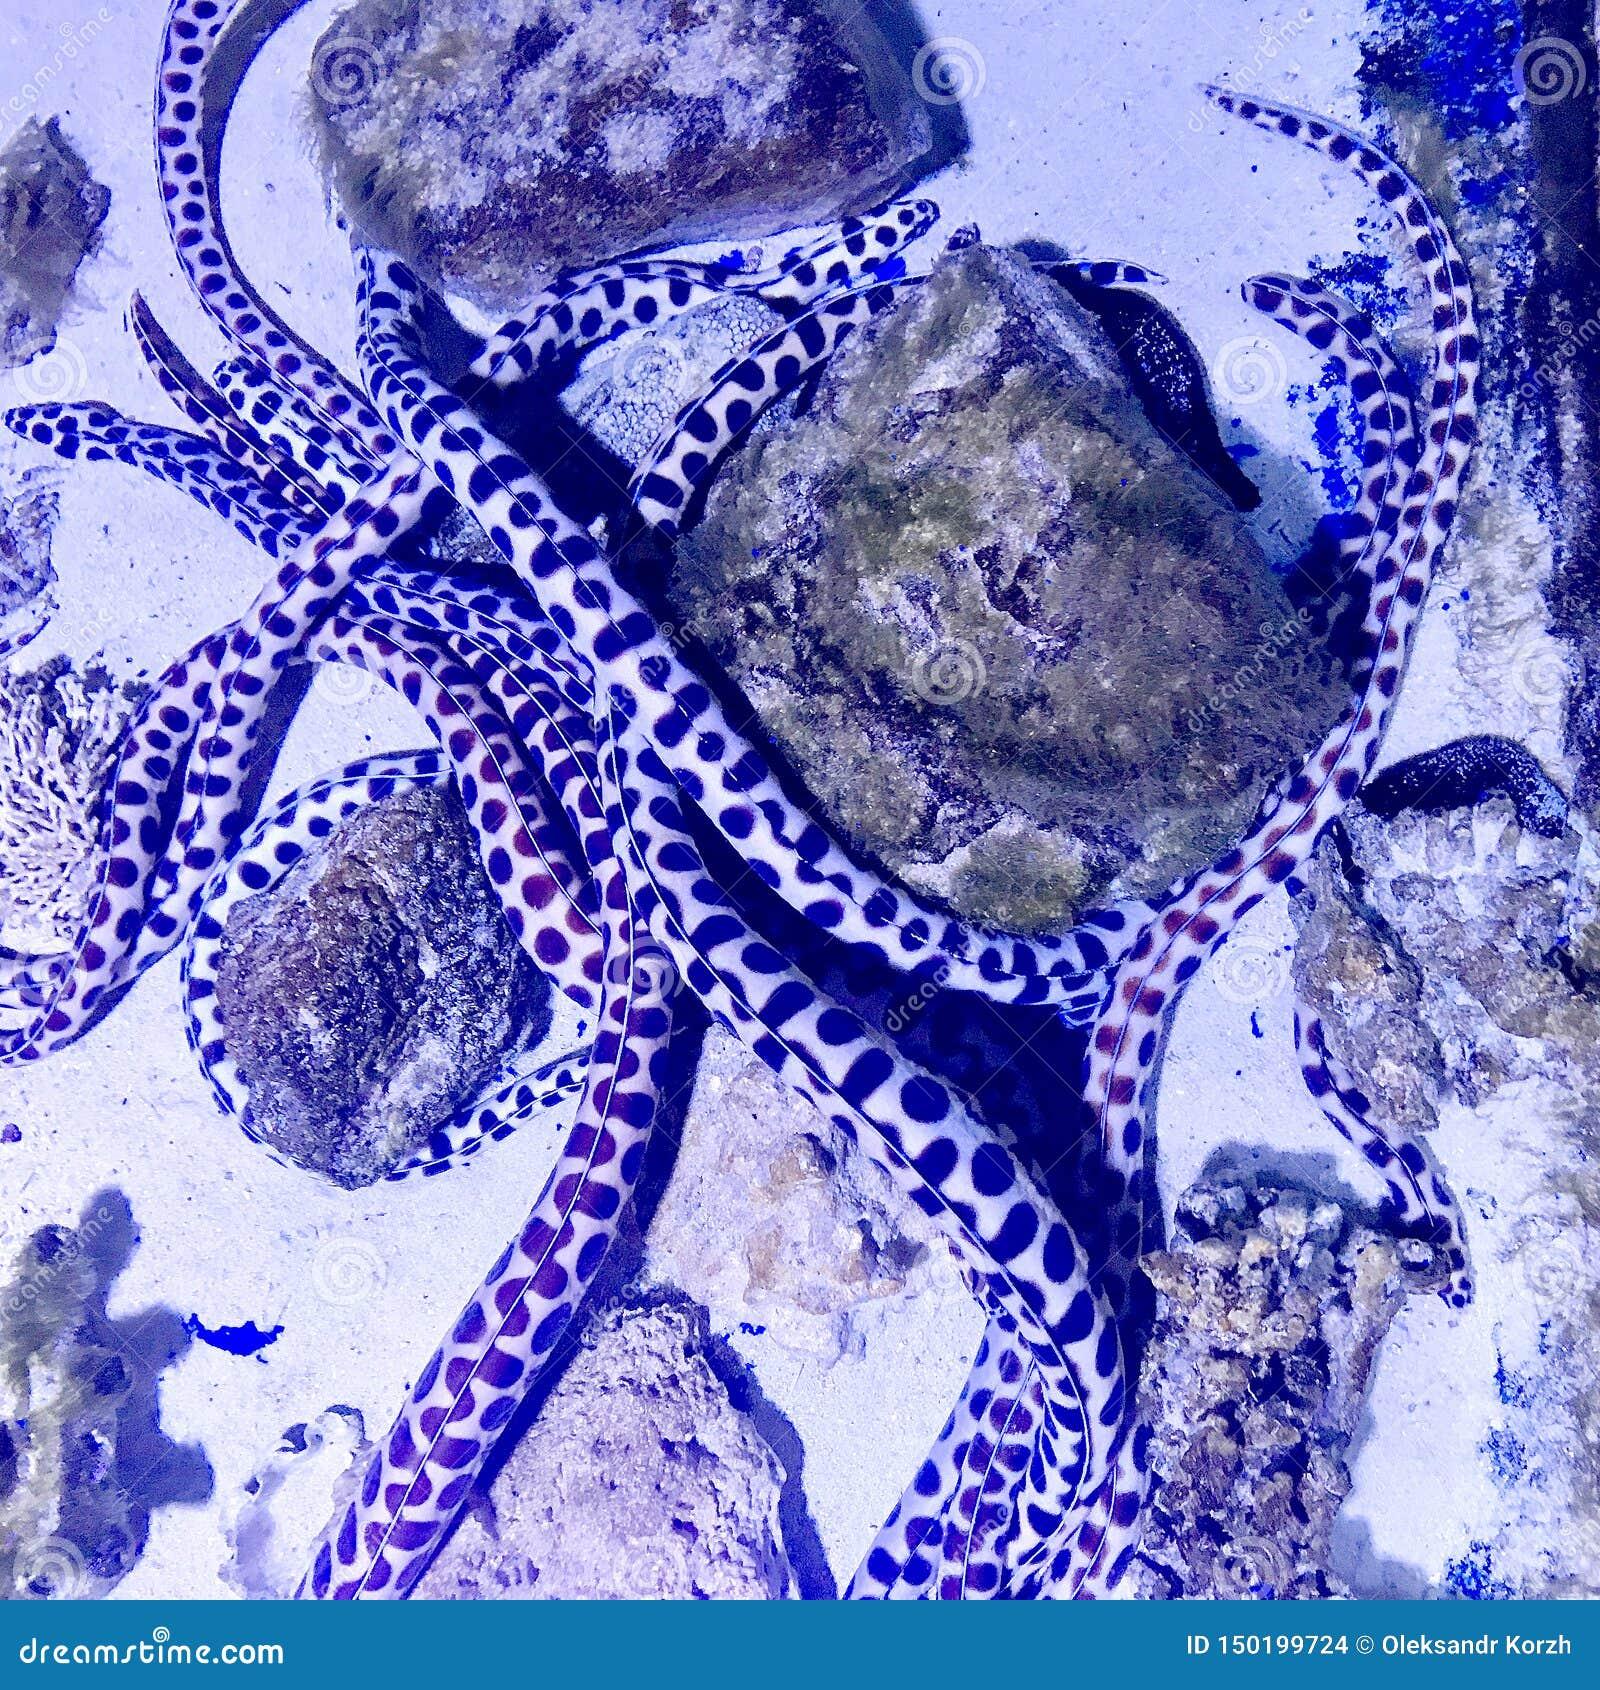 Красивая реальная рыба плавает среди каменных кораллов в чистом стеклянном прозрачном аквариуме